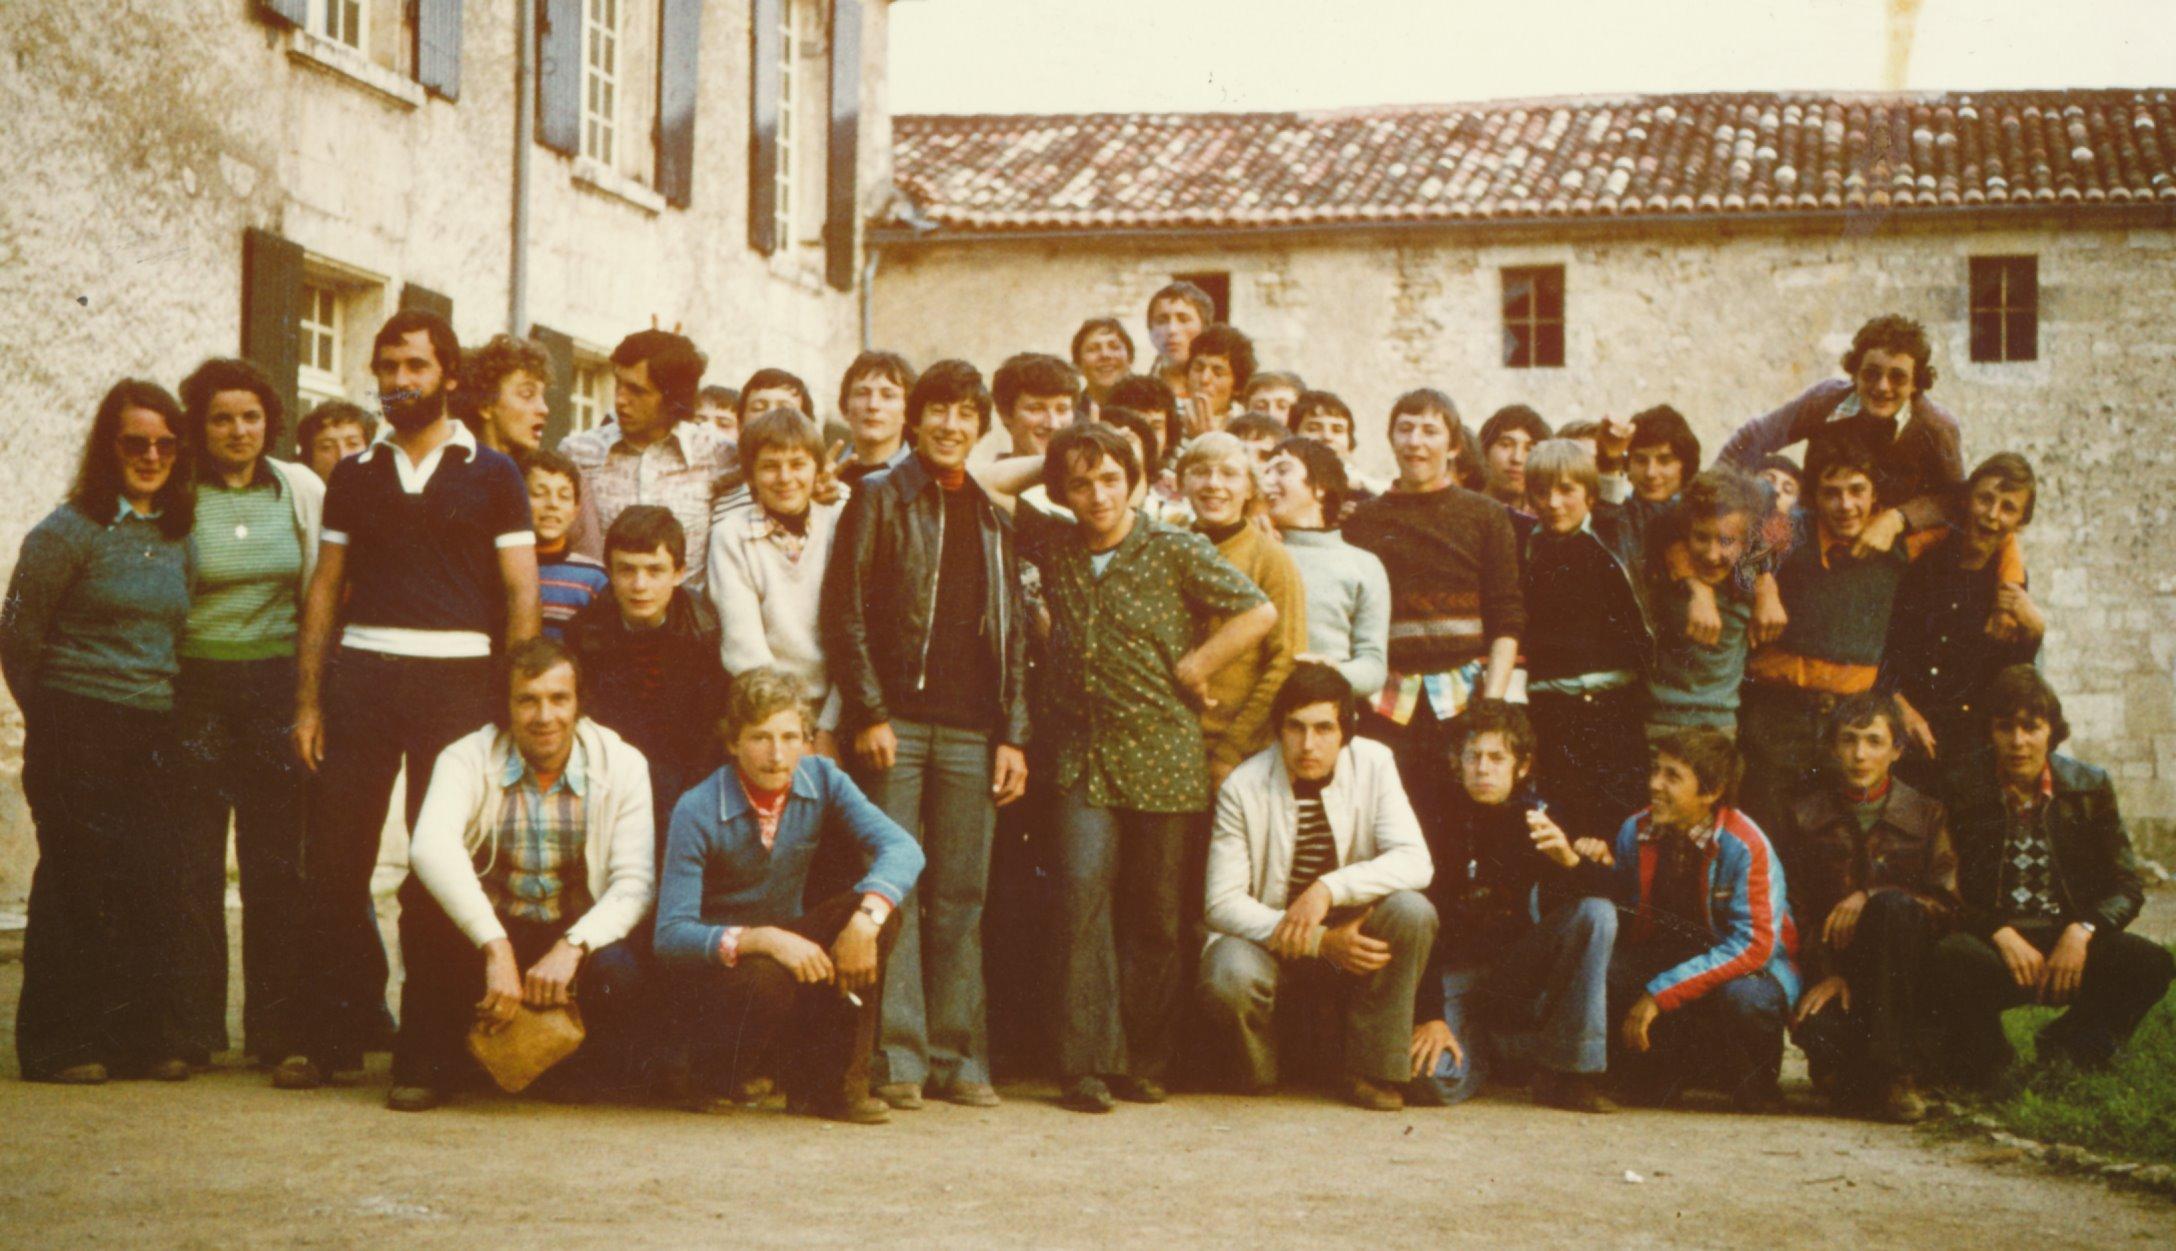 Archives anciens élèves mfr puy-sec 1975 (2)